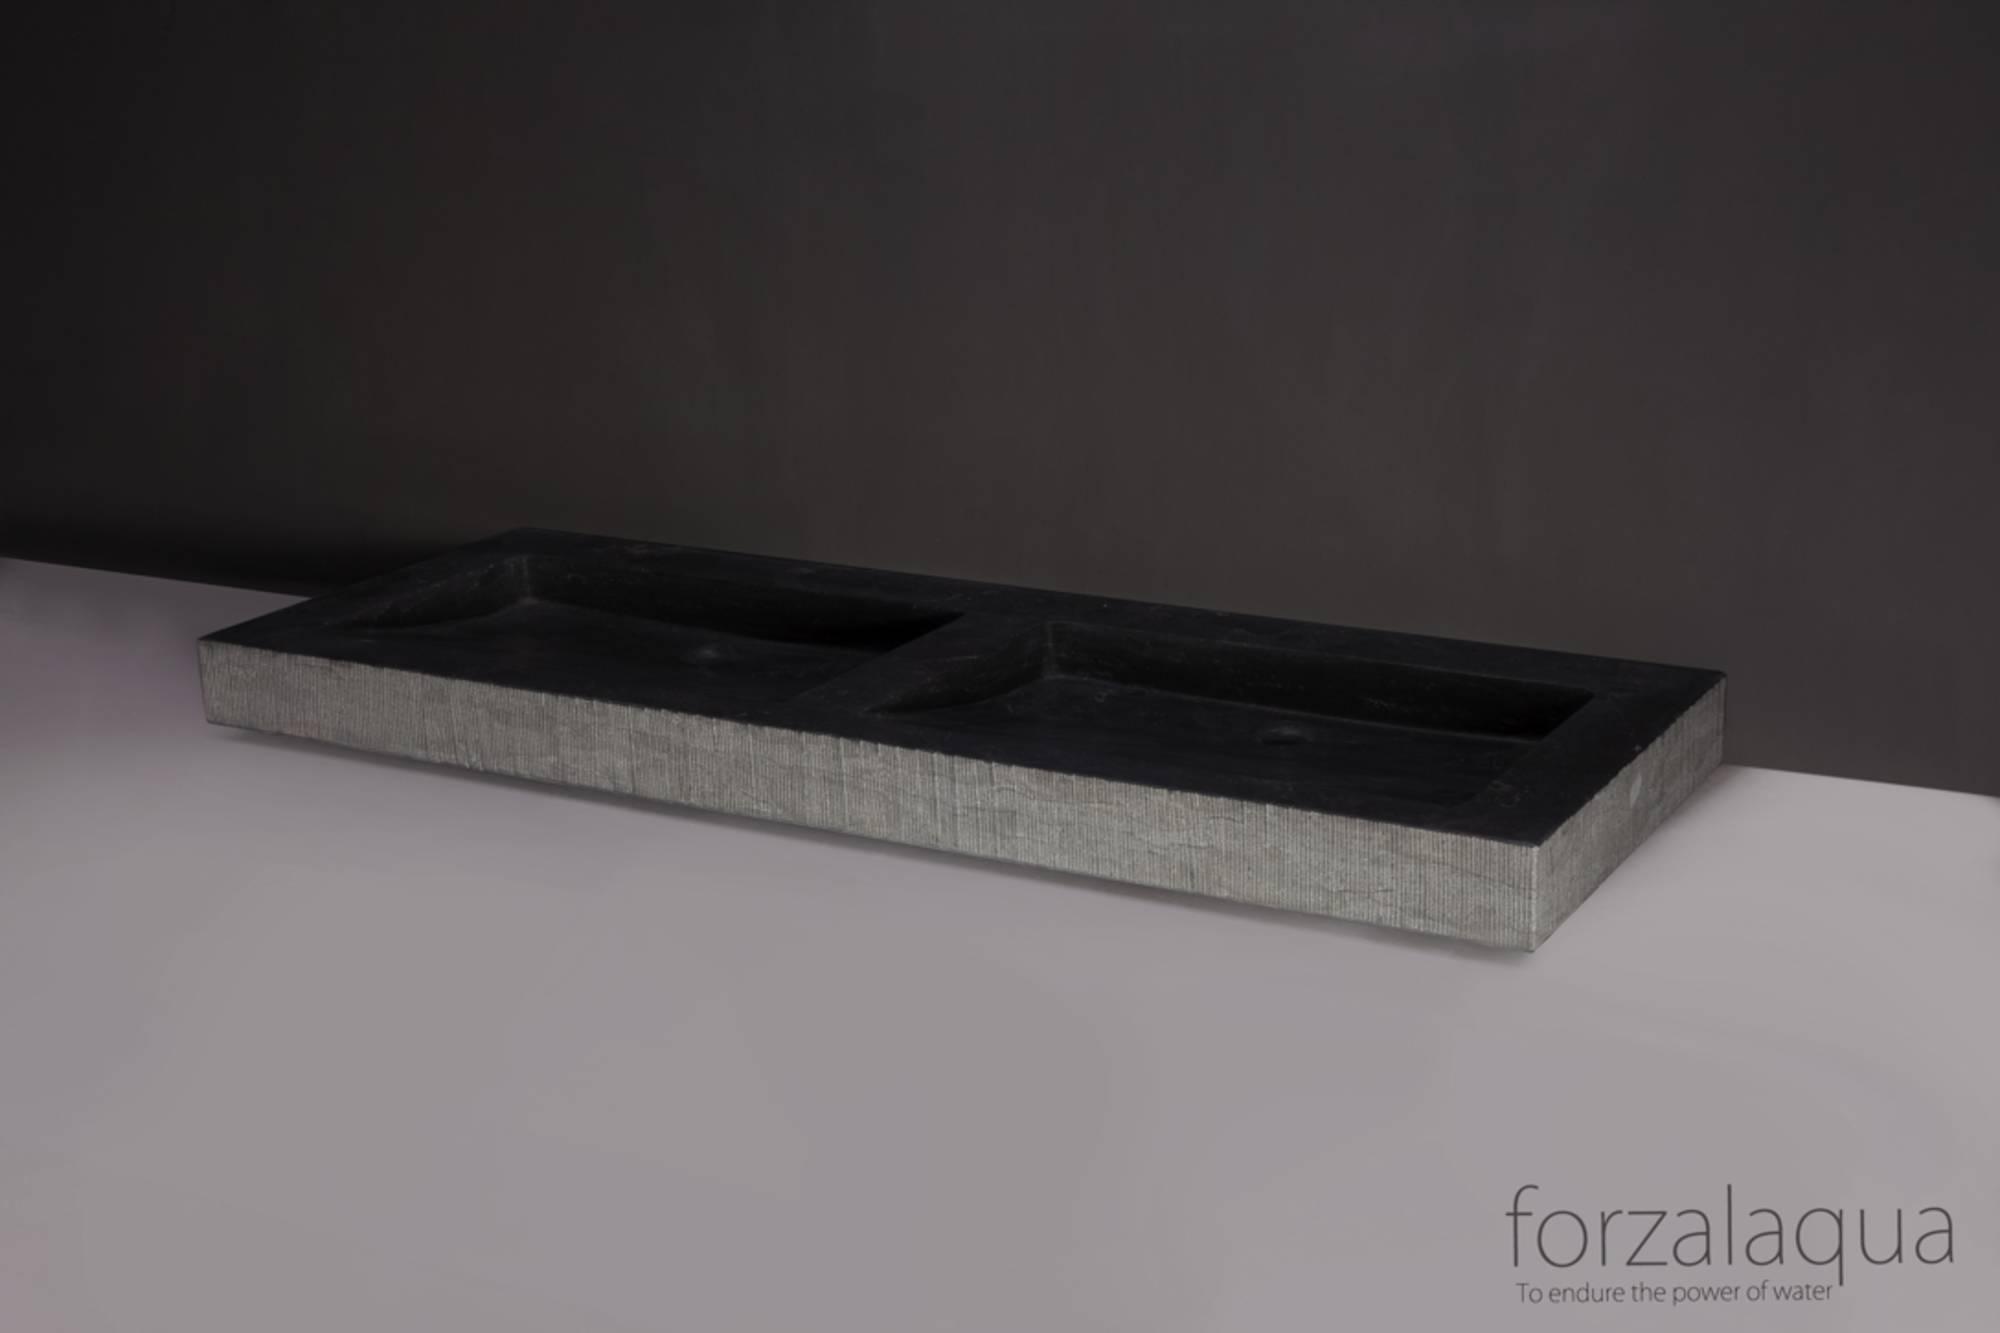 Forzalaqua Palermo Doppio wastafel 140,5x51,5x9 cm Hardsteen gefrijnd